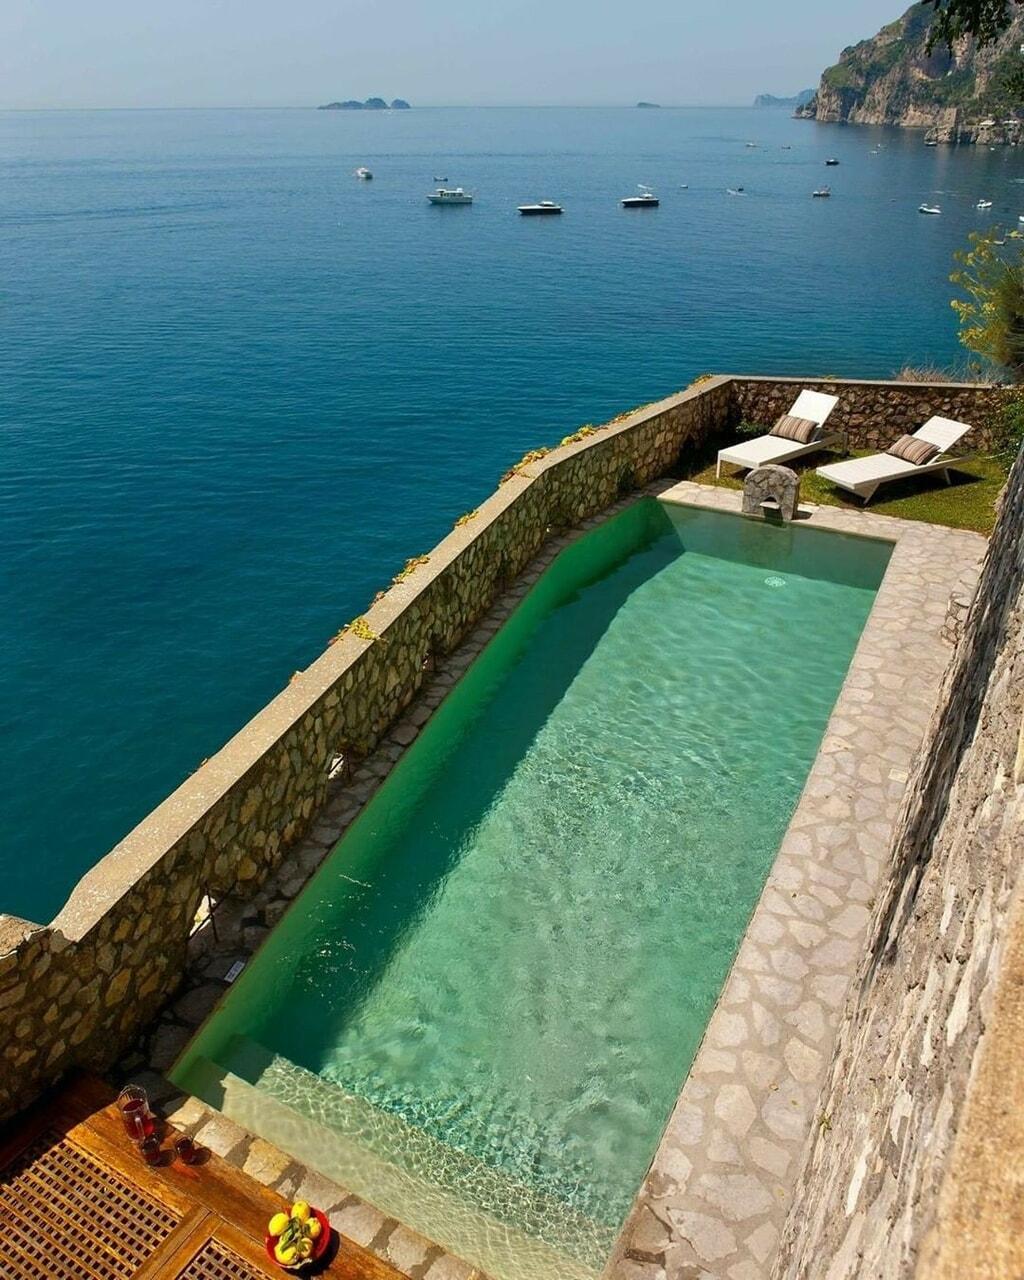 Amalfi coast, italy, and places image